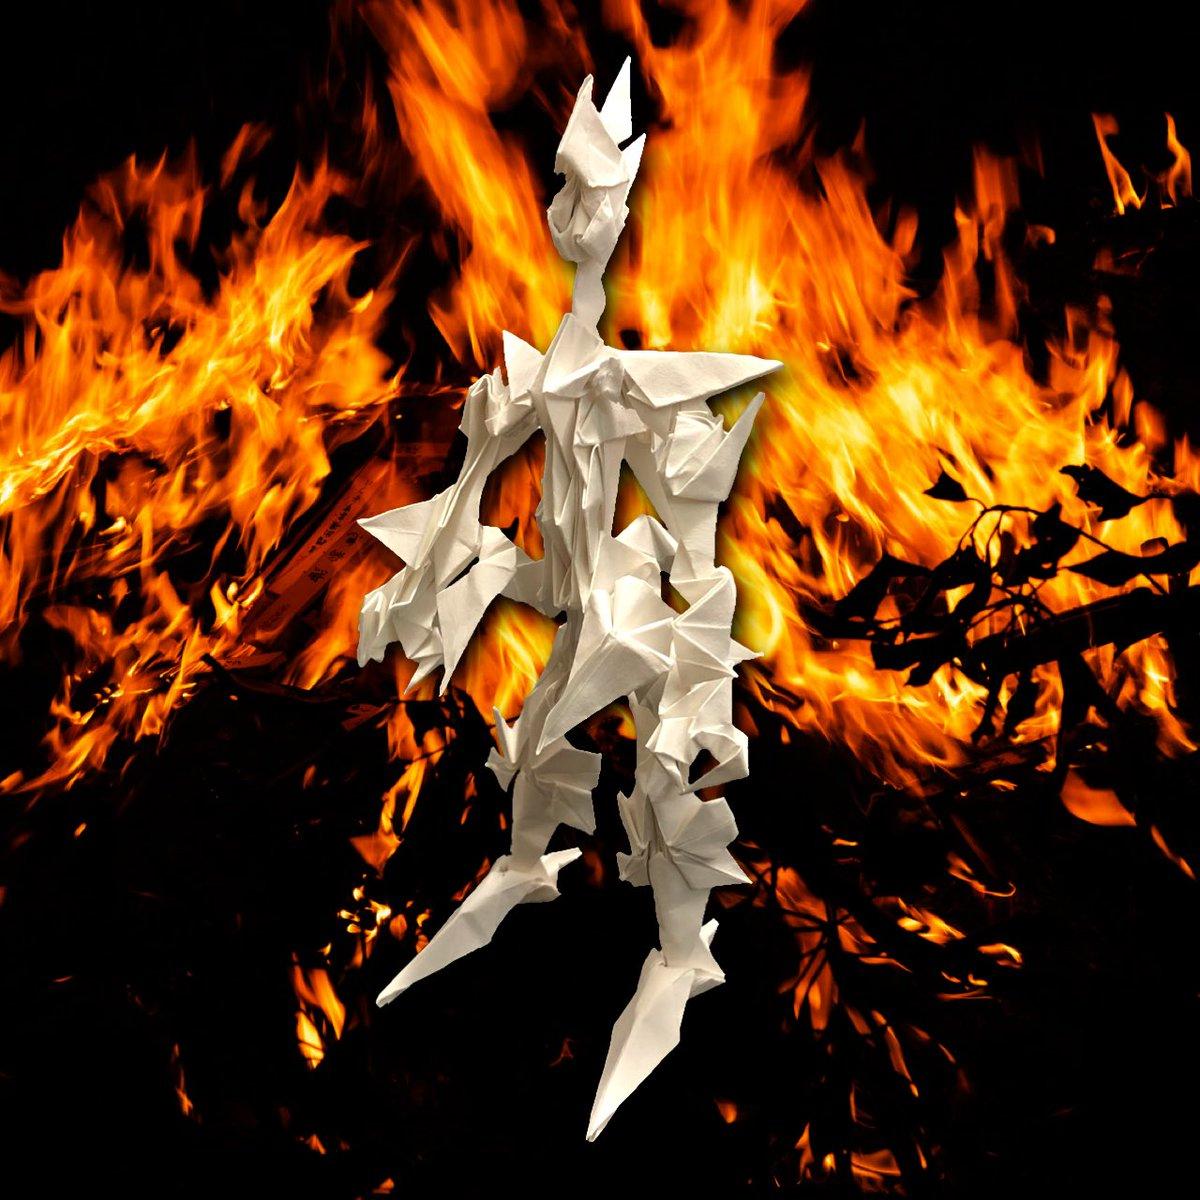 #折り紙 #折り紙作品 #ユニーク折り紙 #組み立て折り紙 #折り紙好きと繋がりたい #作品 #ドラゴン #龍 #竜 #ガンダム #モビルスーツ #MS #ms #機動戦士ガンダム #origami #origamiart #papercraft #folding #uniqueorigami #assemblyorigami #work #dragon #StayHome https://t.co/reqmEeeA02